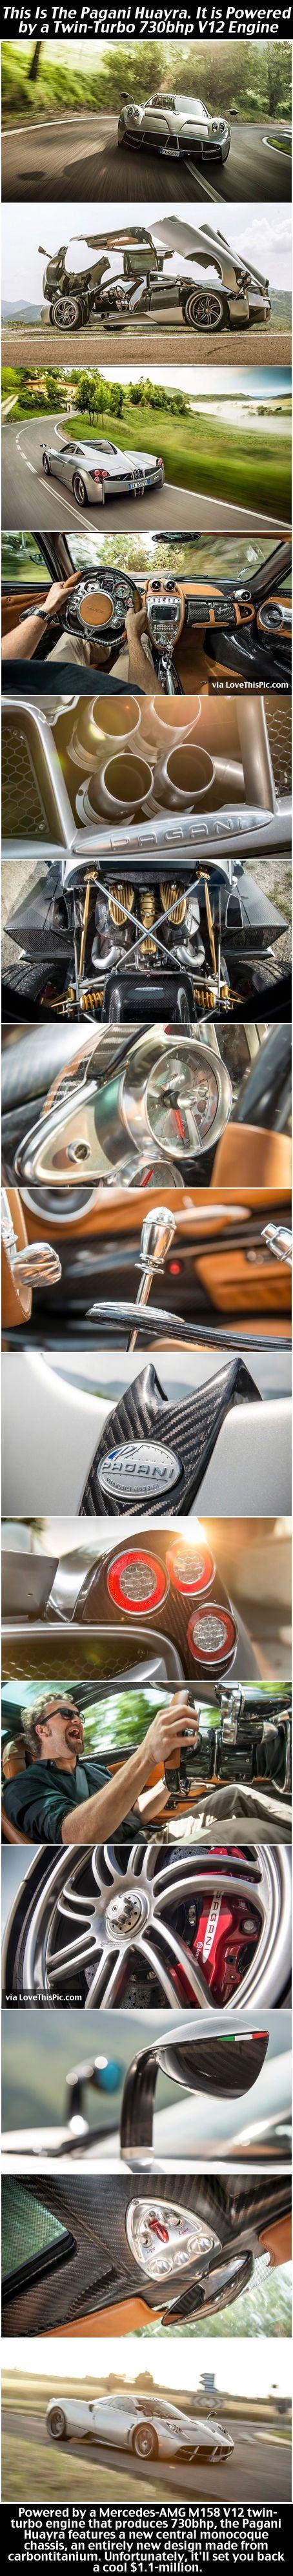 nice Pagani Huayra cool car vehicle auto pagani huayra  Cars & Girls Check more at http://autoboard.pro/2017/2017/01/30/pagani-huayra-cool-car-vehicle-auto-pagani-huayra-cars-girls/